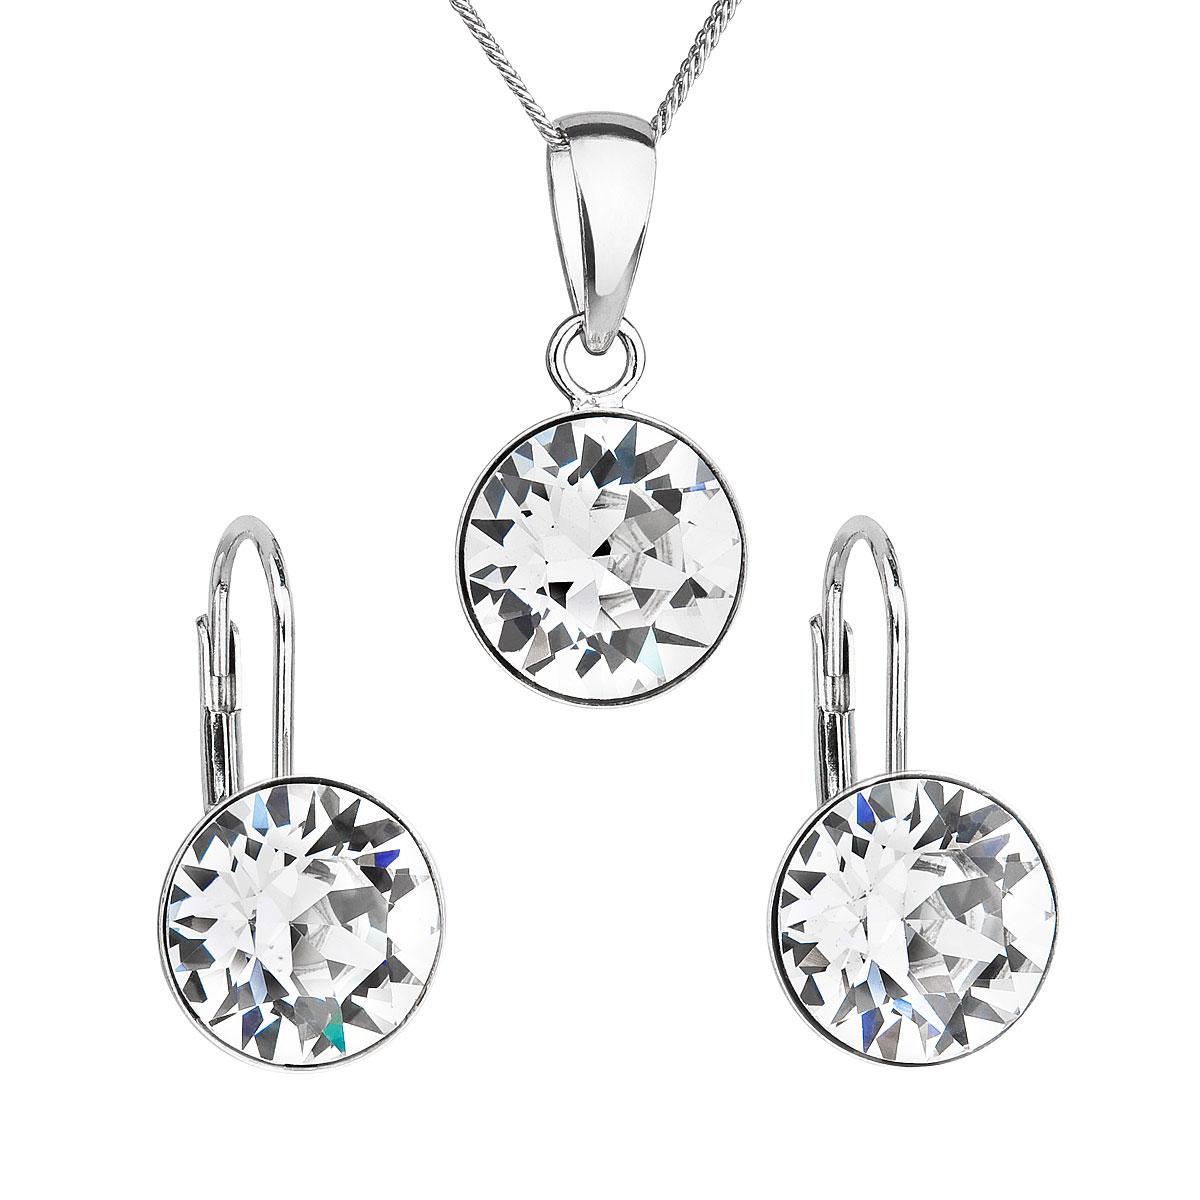 Sada šperkov s krištáľmi Swarovski náušnice a prívesok biele okrúhle 39140.1